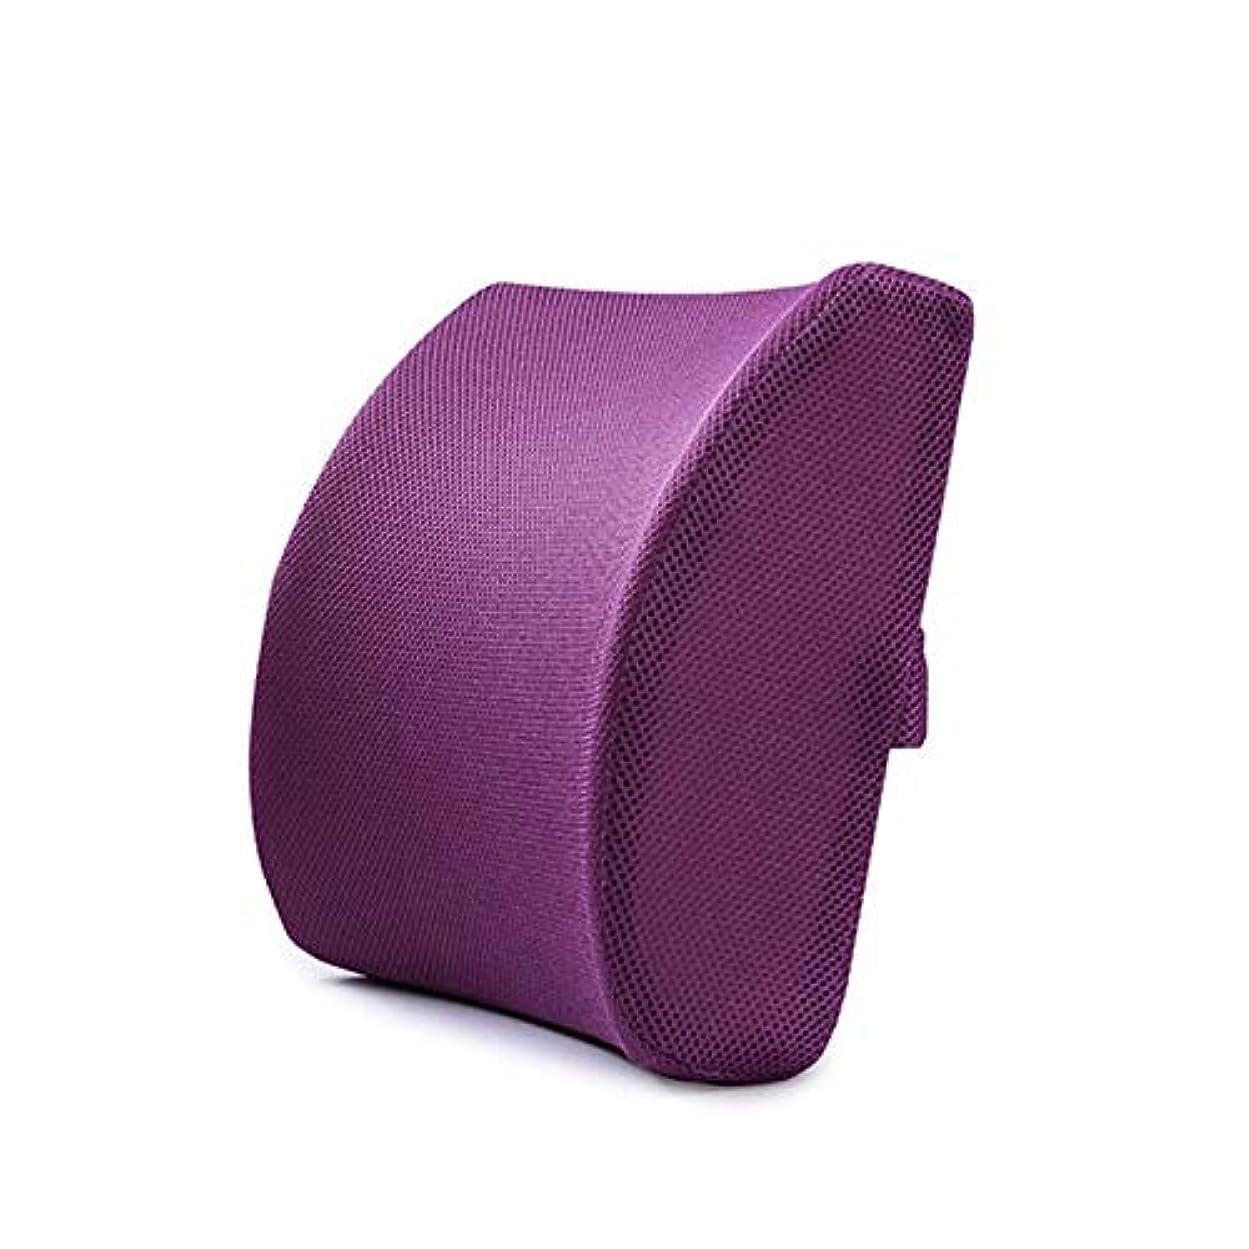 無し設計正統派LIFE ホームオフィス背もたれ椅子腰椎クッションカーシートネック枕 3D 低反発サポートバックマッサージウエストレスリビング枕 クッション 椅子